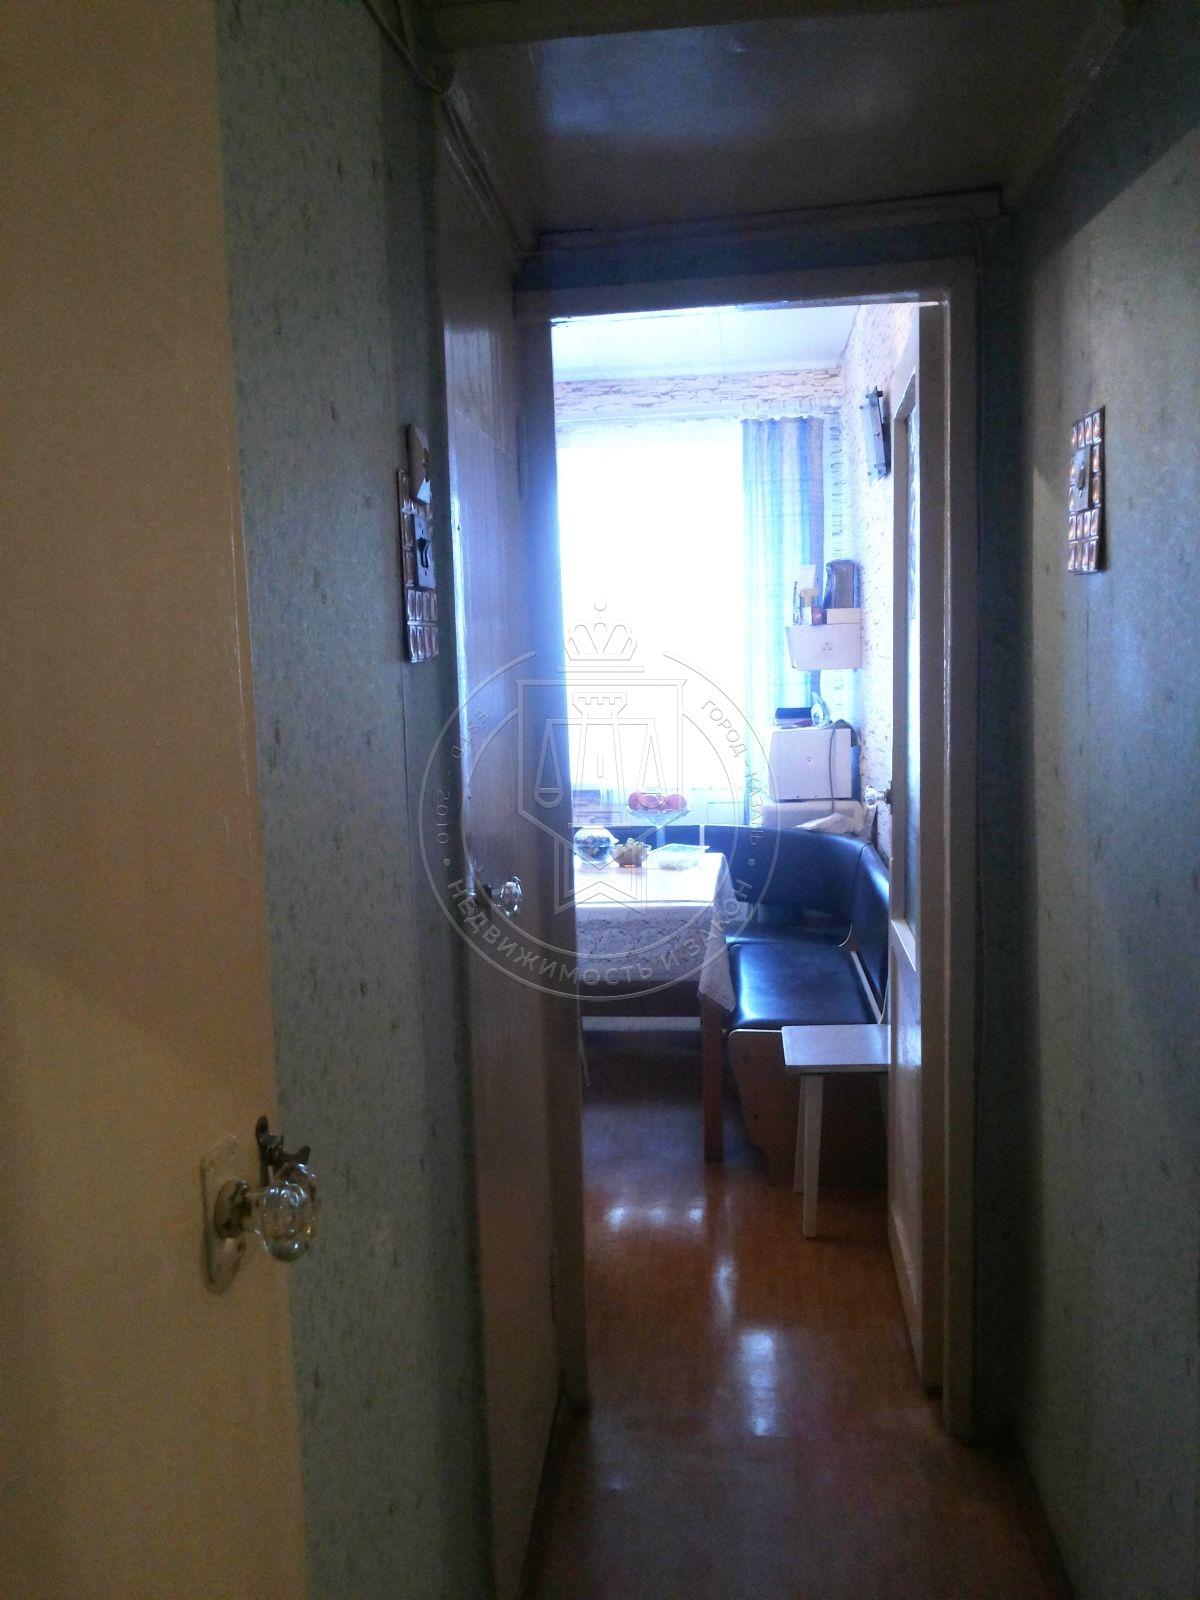 Продажа 2-к квартиры Бирюзовая ул, 15, 49 м2  (миниатюра №2)